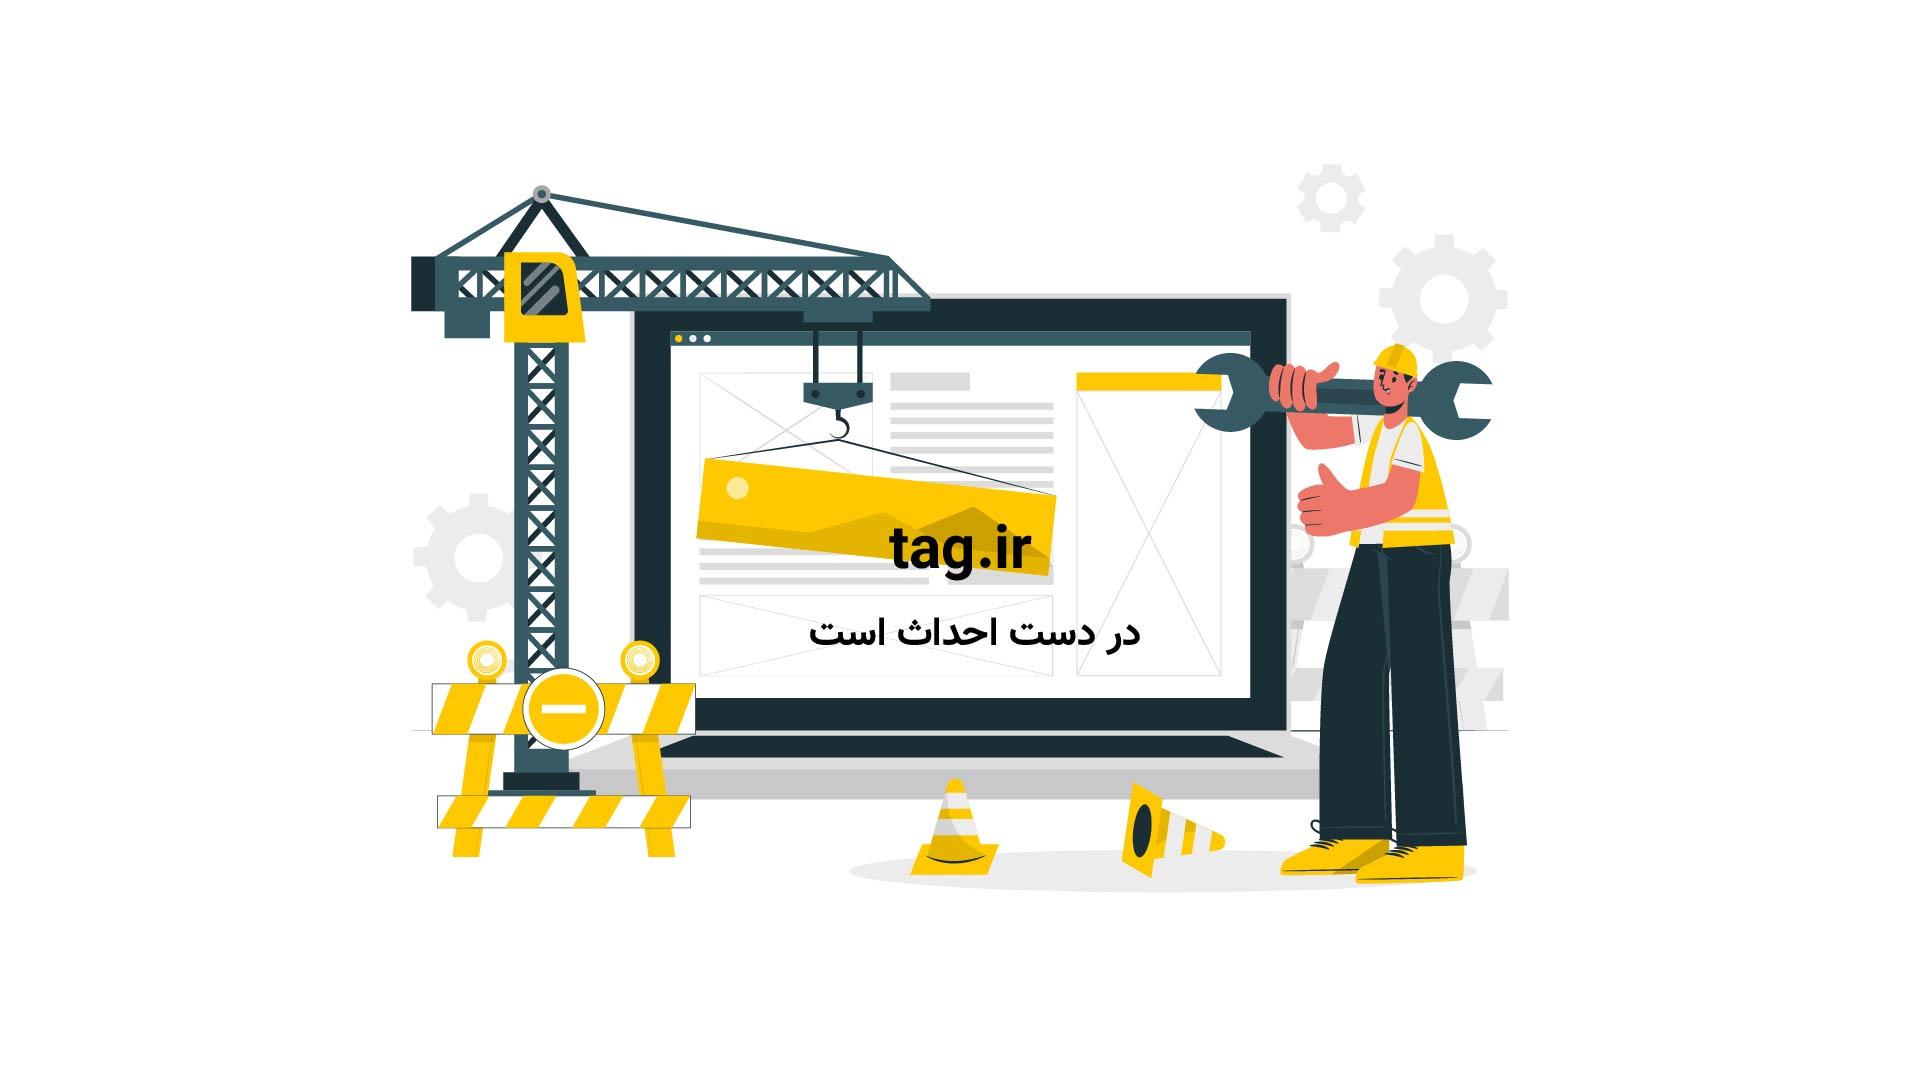 مارکو تمپست: واقعیت مجازی، جادوگری بوسیله تکنولوژی | فیلم